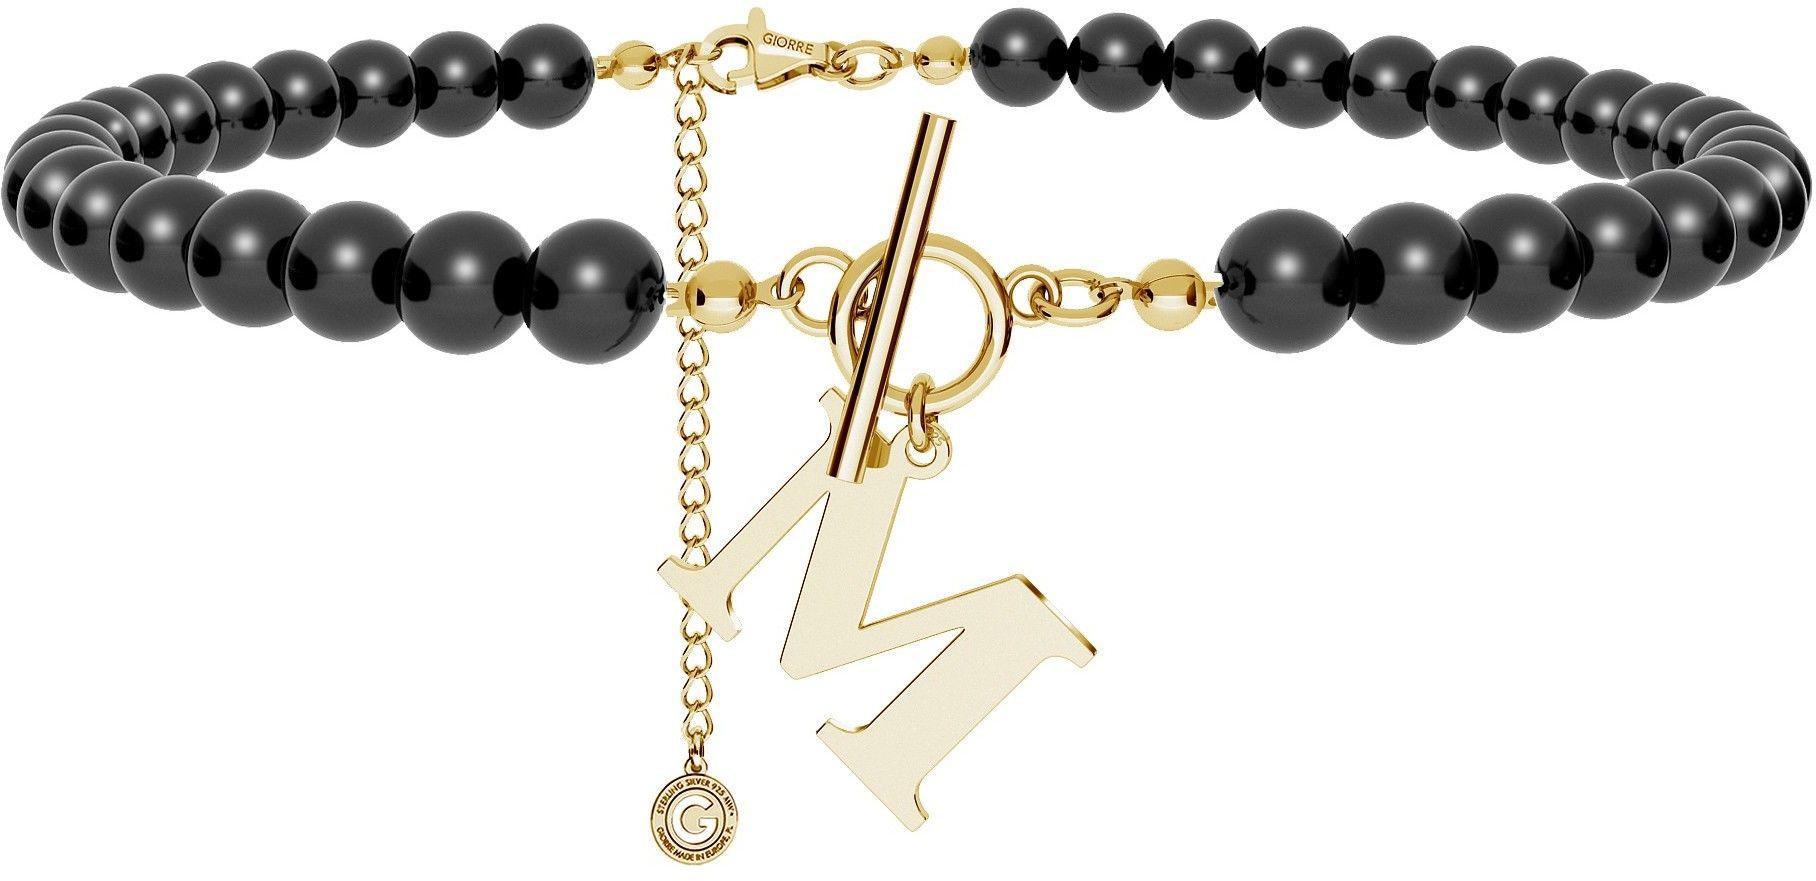 Czarny perłowy choker z dowolną literą, Swarovski, srebro 925 : Litera - L, Srebro - kolor pokrycia - Pokrycie żółtym 18K złotem